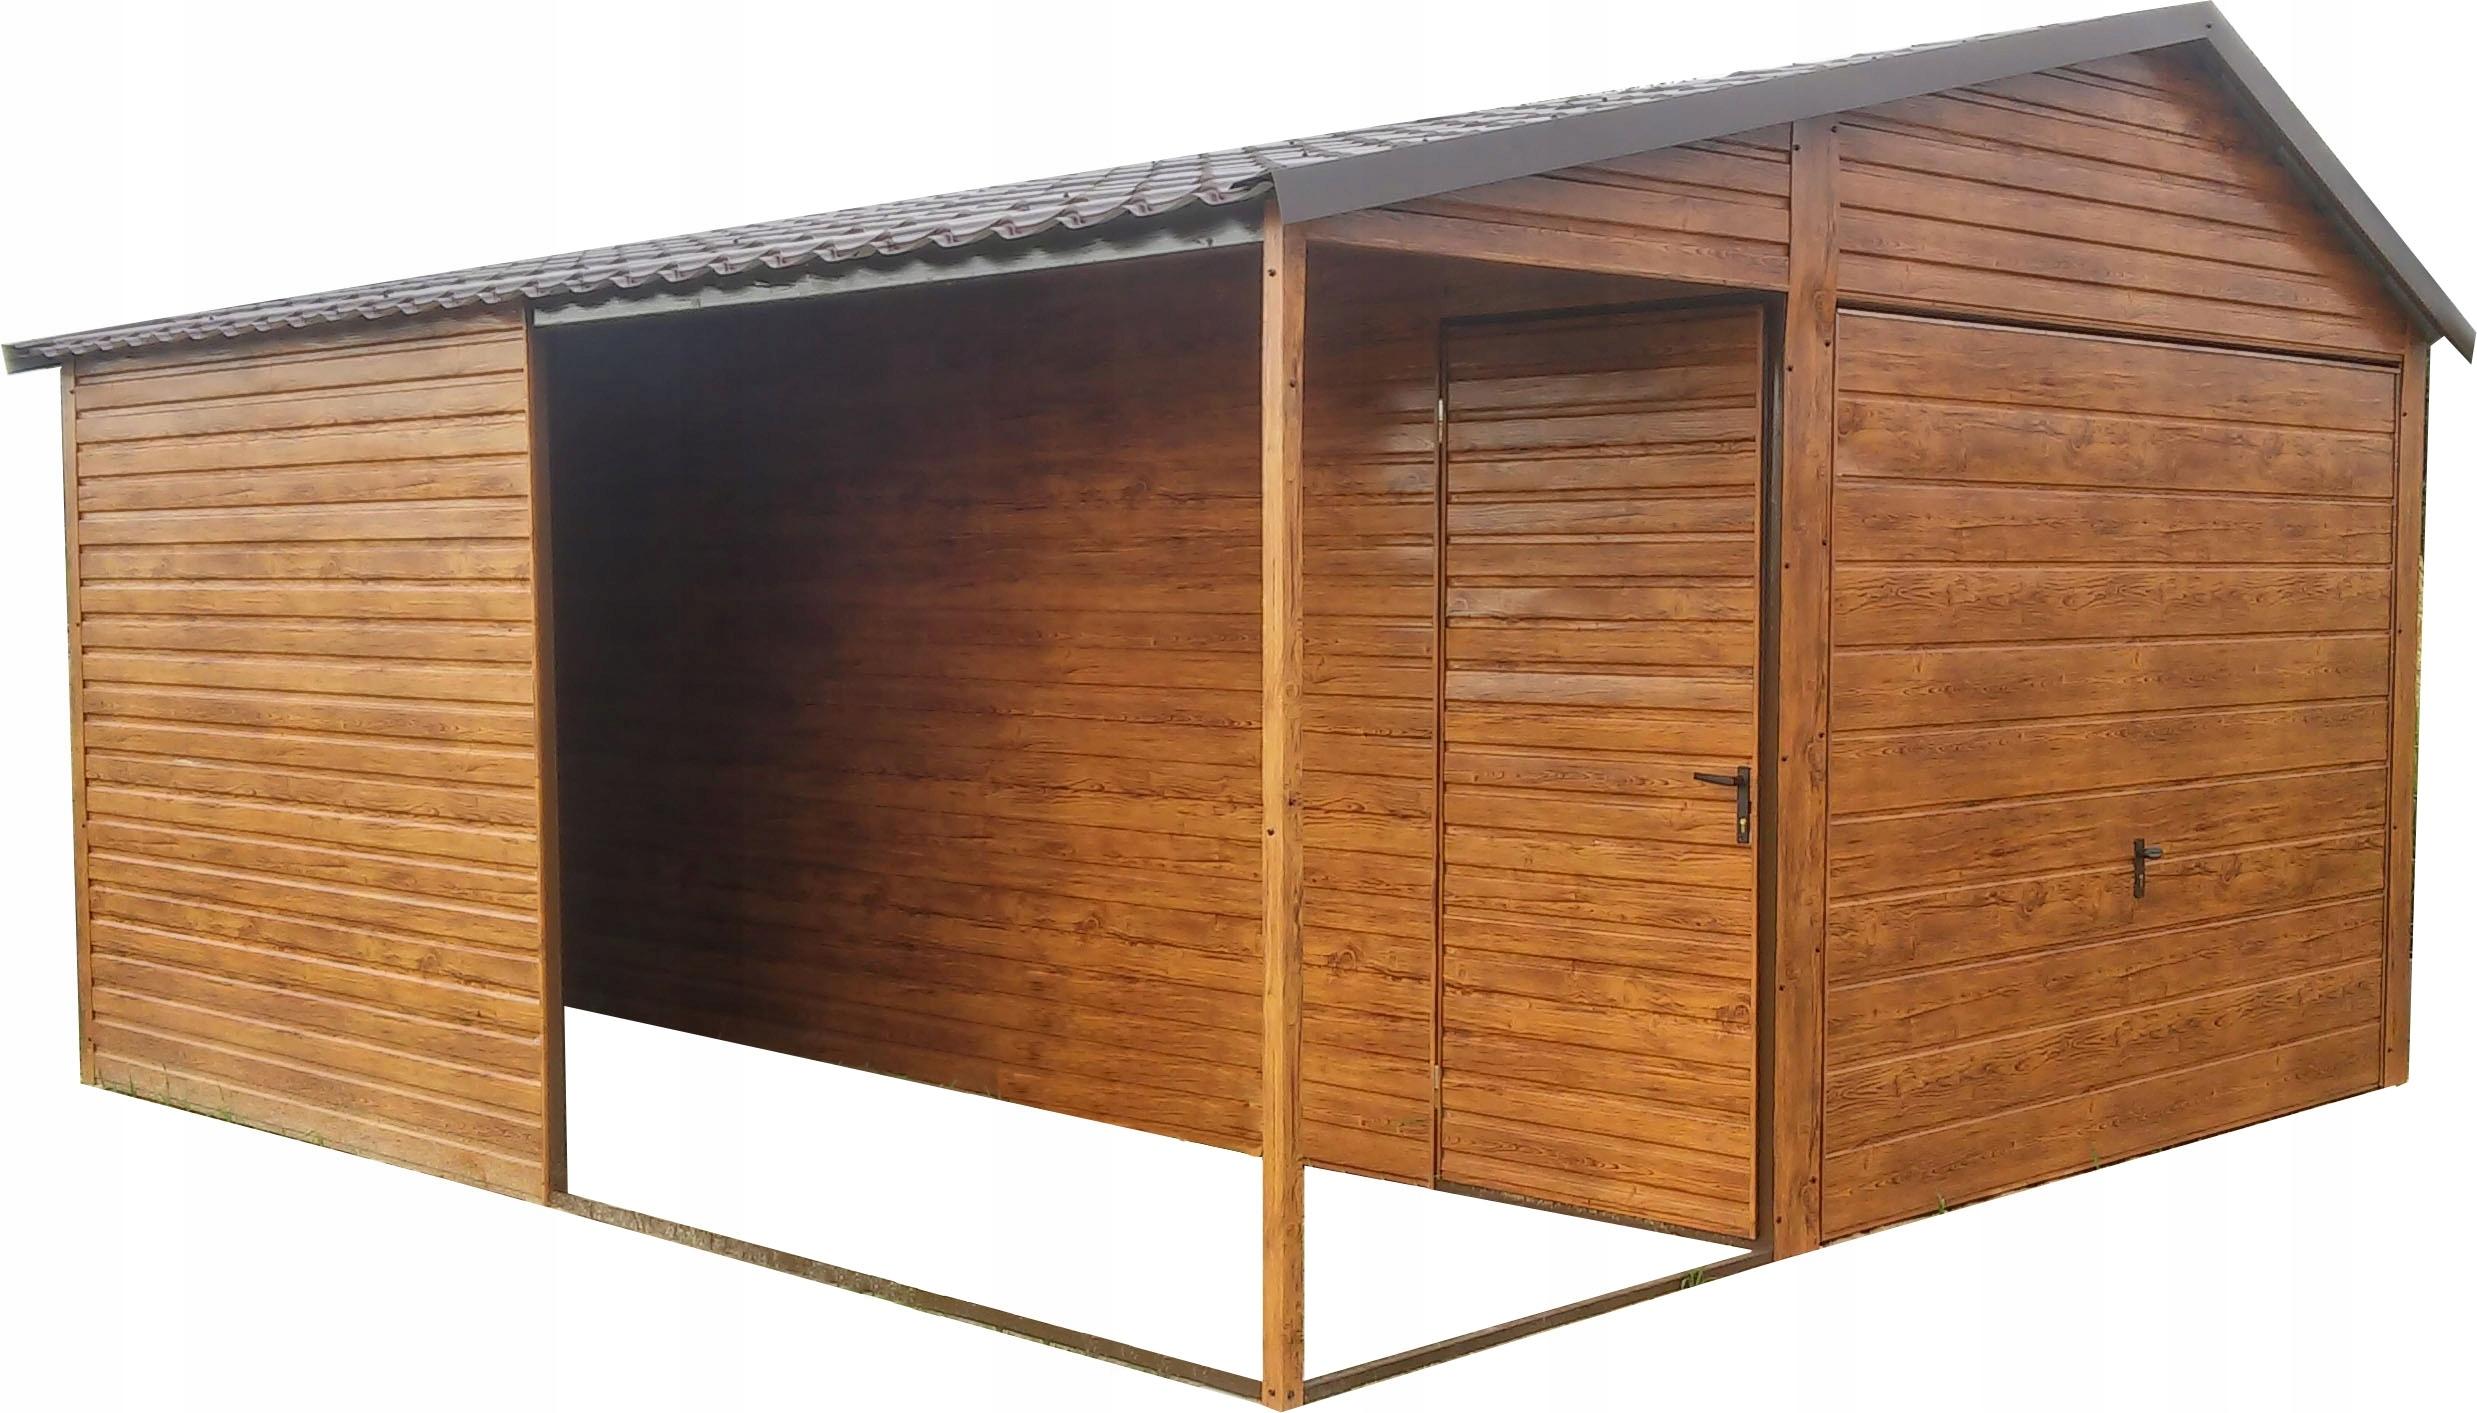 Garaż Blaszany Garaże Drewnopodobny Nowość 7483349169